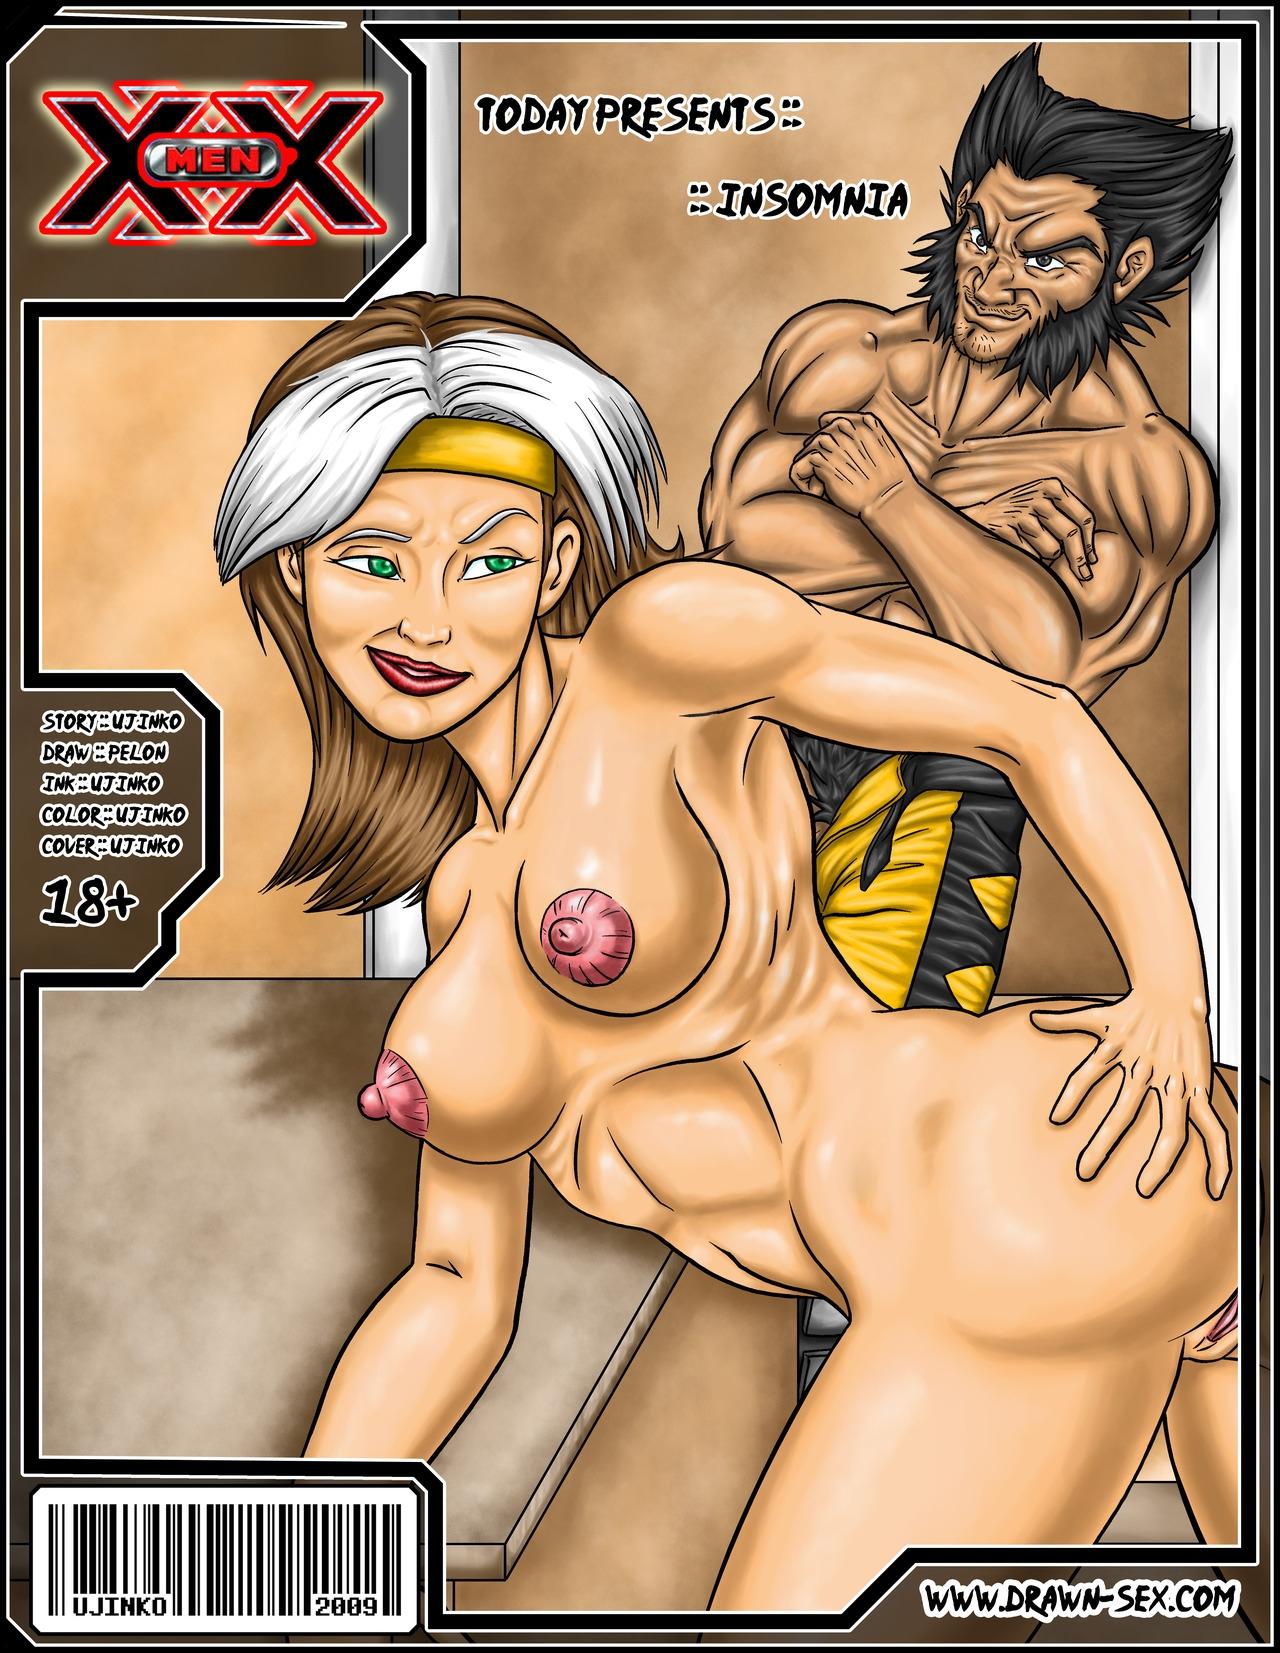 Goodcomix.tk X-Men - [Drawn-Sex][Ujinko] - All Fuck - Insomnia